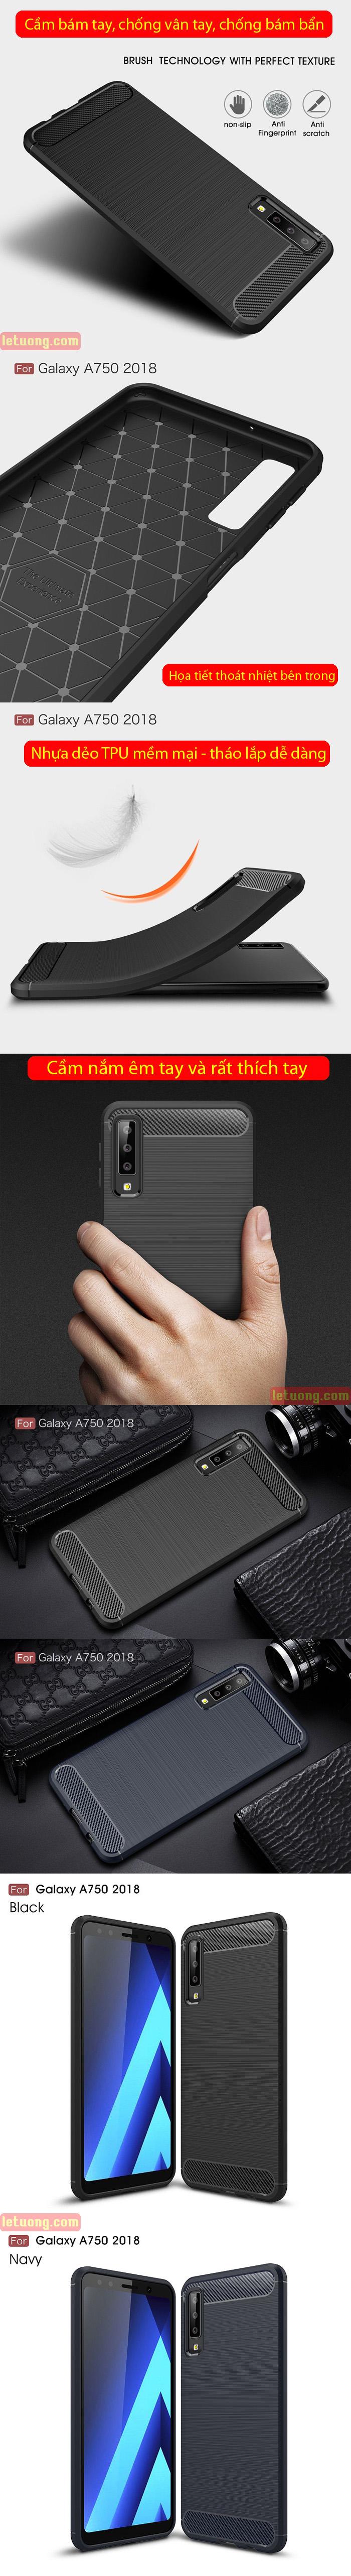 Ốp lưng Galaxy A7 2018 Viseaon Rugged Armor nhựa mềm chống sốc 4